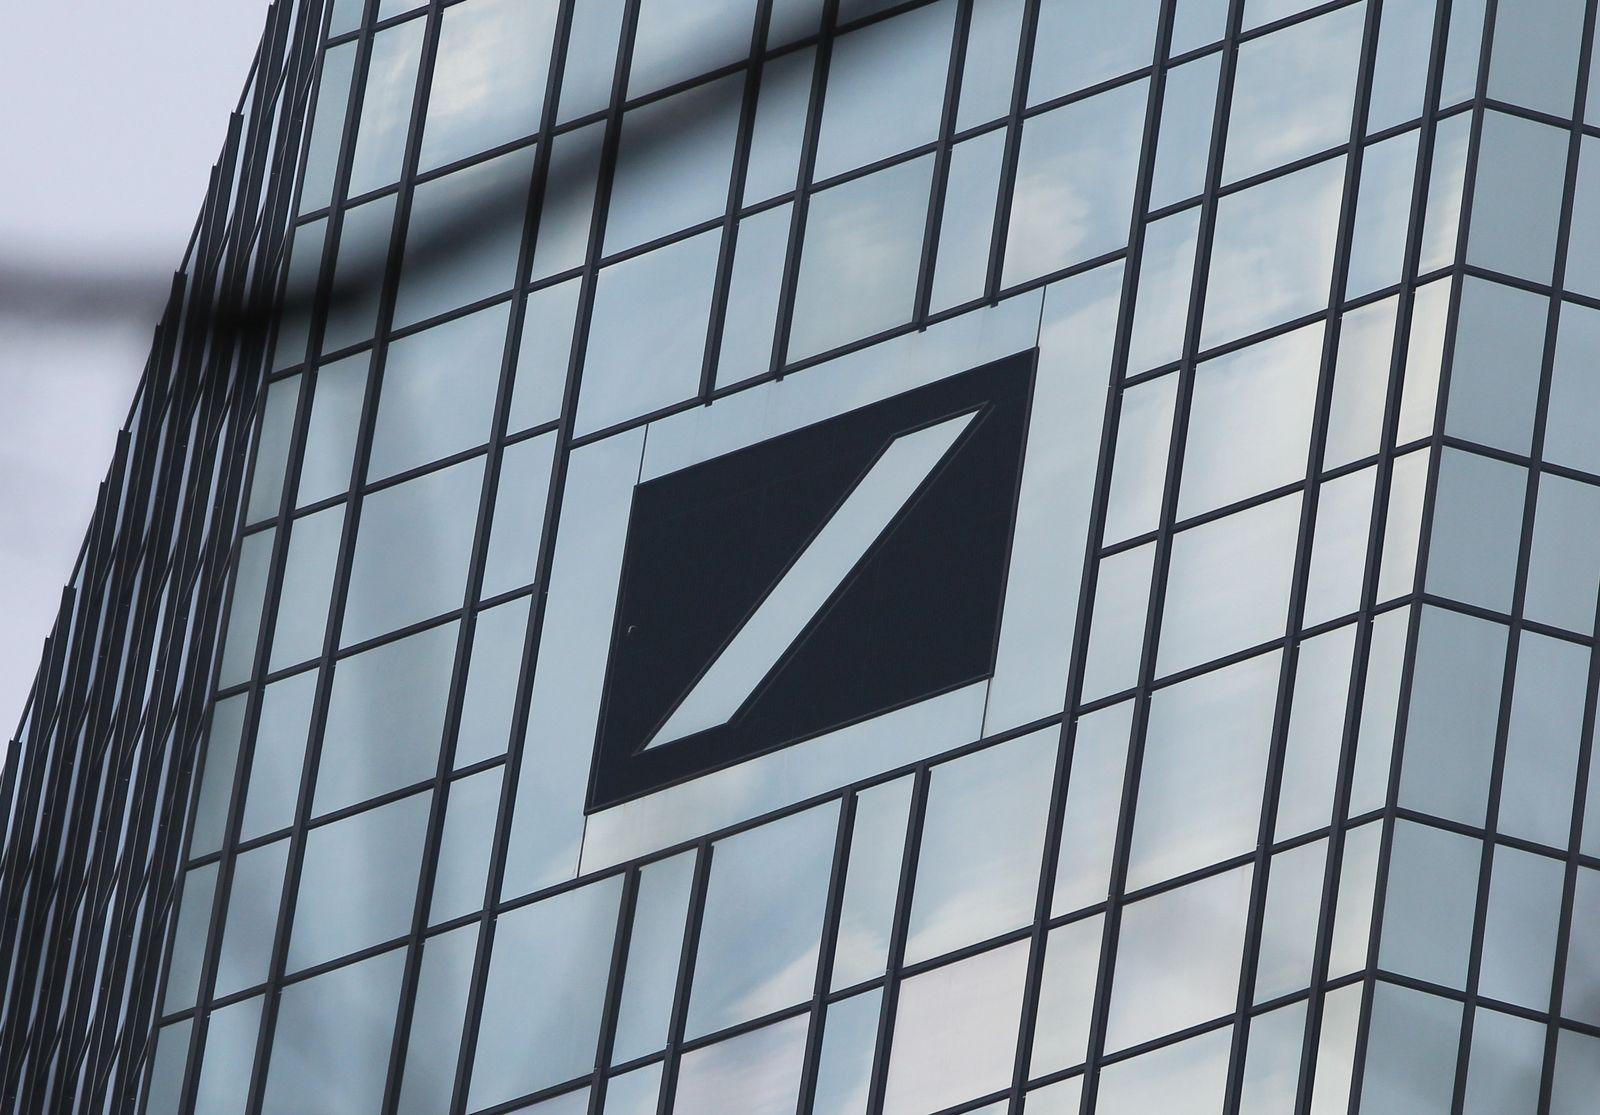 GERMANY-ECONOMY-BANKING-EARNINGS-DEUTSCHEBANK